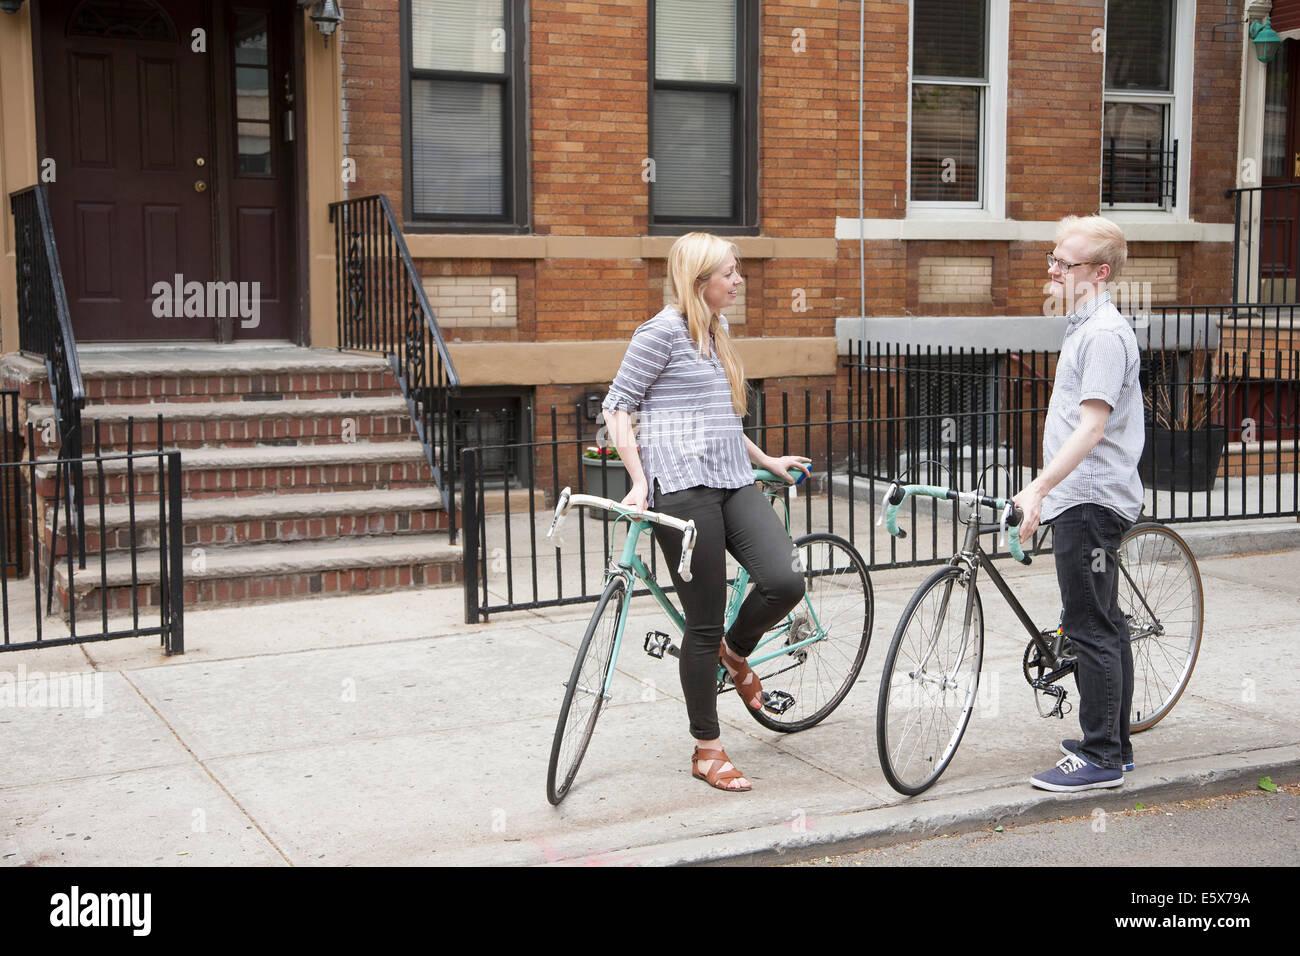 Coppia giovane con le biciclette in chat su strada Immagini Stock